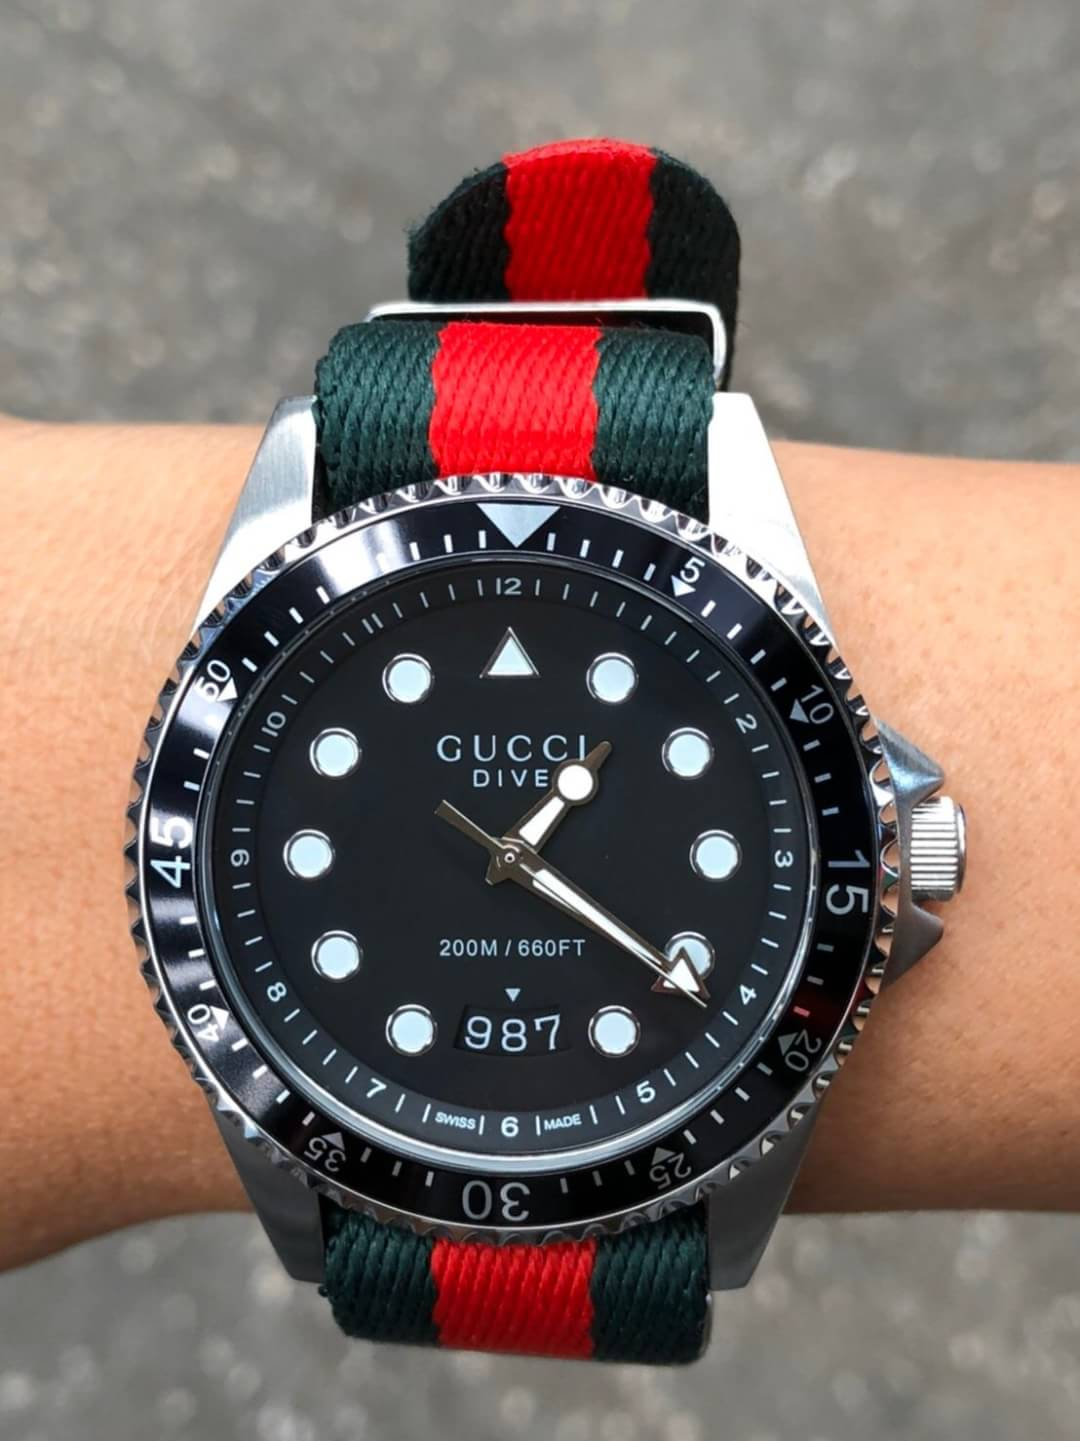 นาฬิกา GUCCI DIVE BLACK DIAL NYLON STRAP MEN'S WATCH ก๊อปสายผ้า